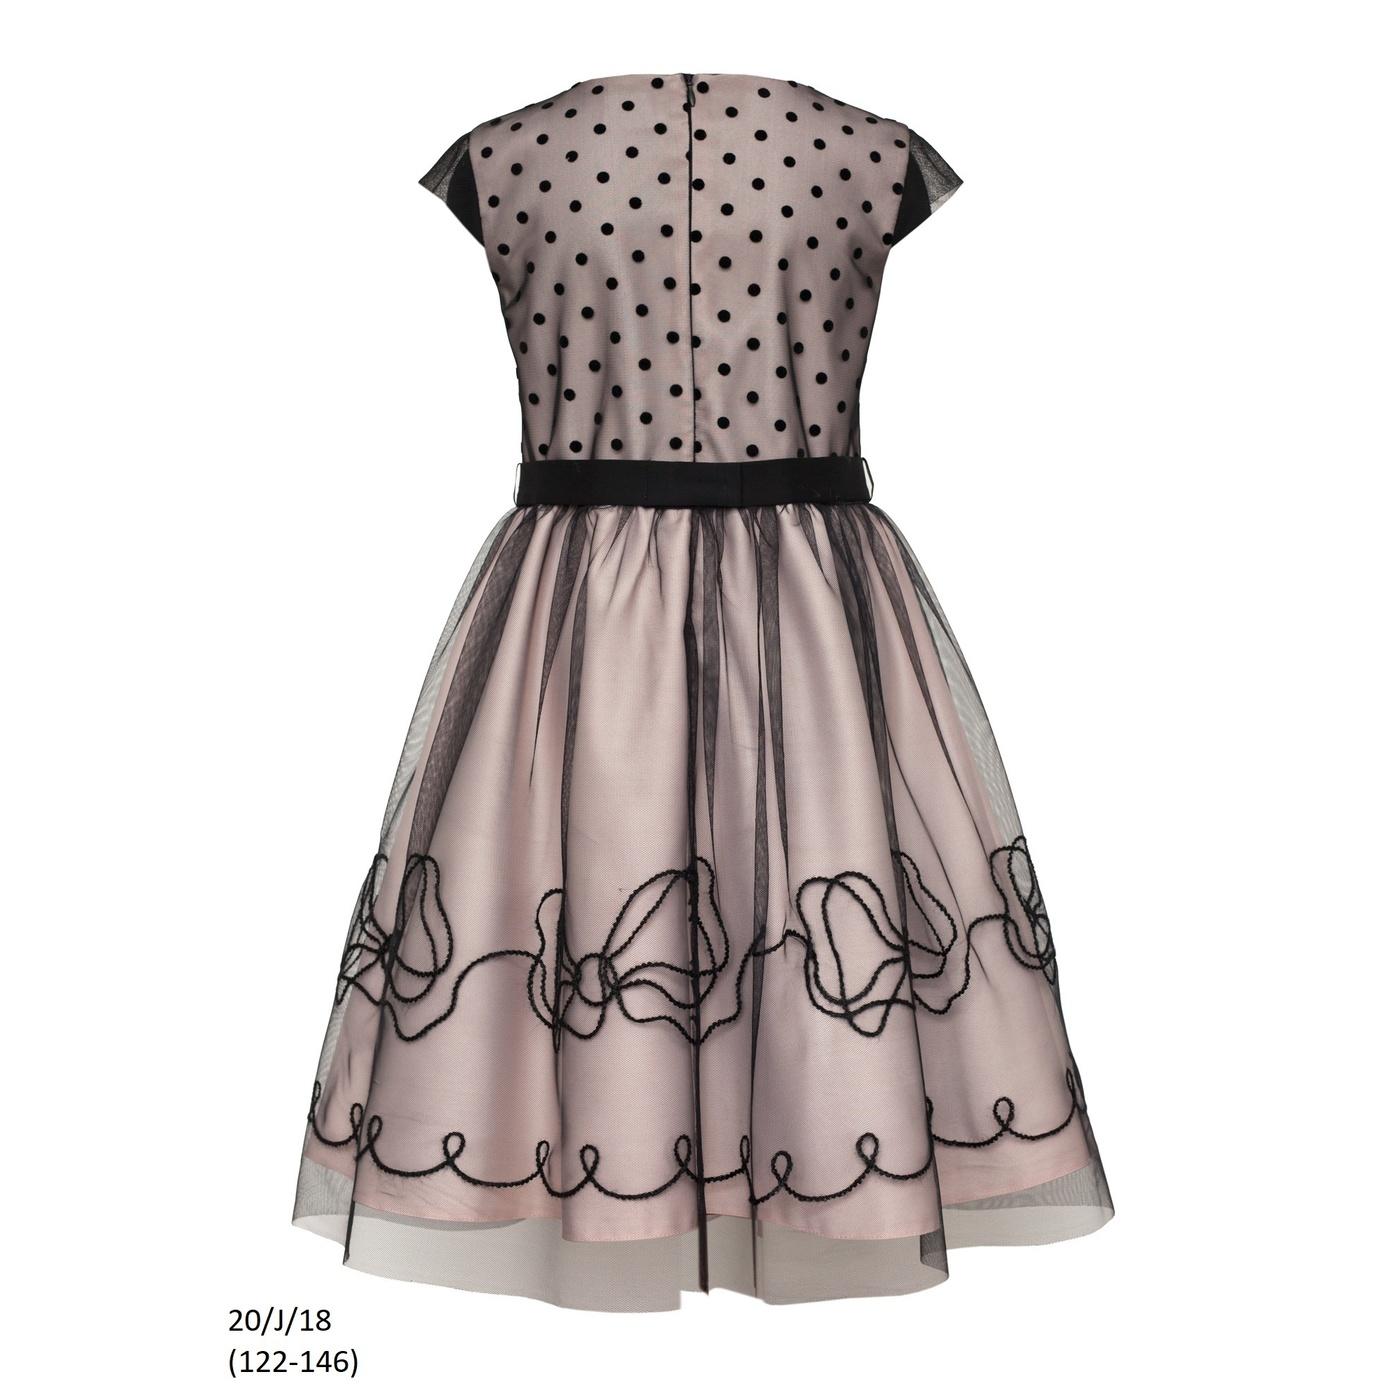 978cde9e7a3359 ... Sukienka dziewczęca 20/J/18 okolicznościowa,wizytowa,weselna,  świąteczna,SLY